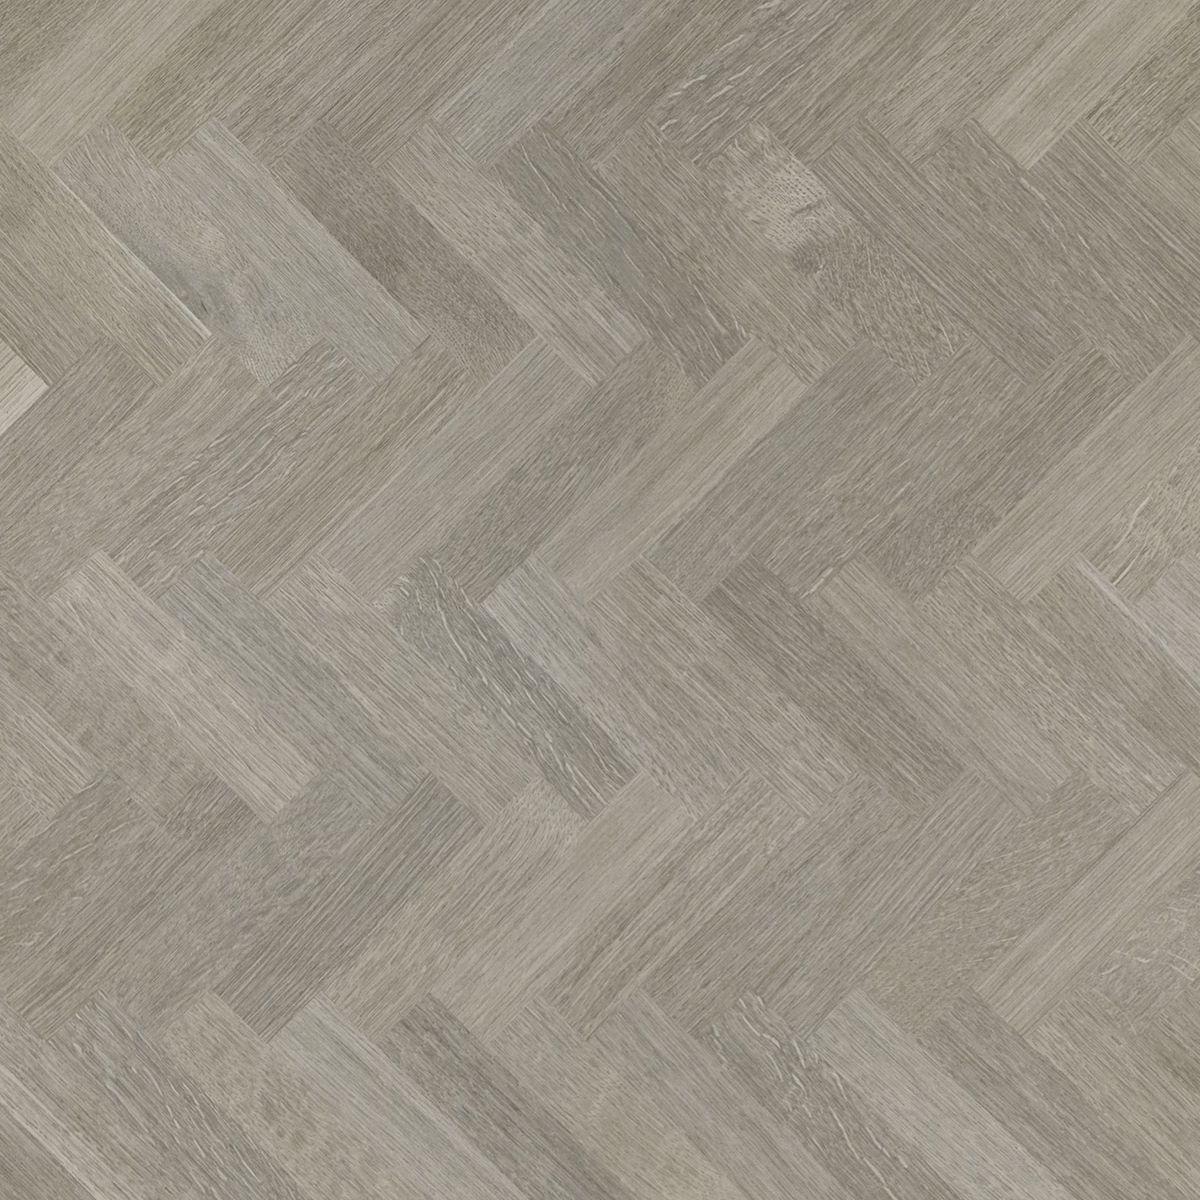 Silver Oak Herringbone New 2018 Formica Pattern Would Like This